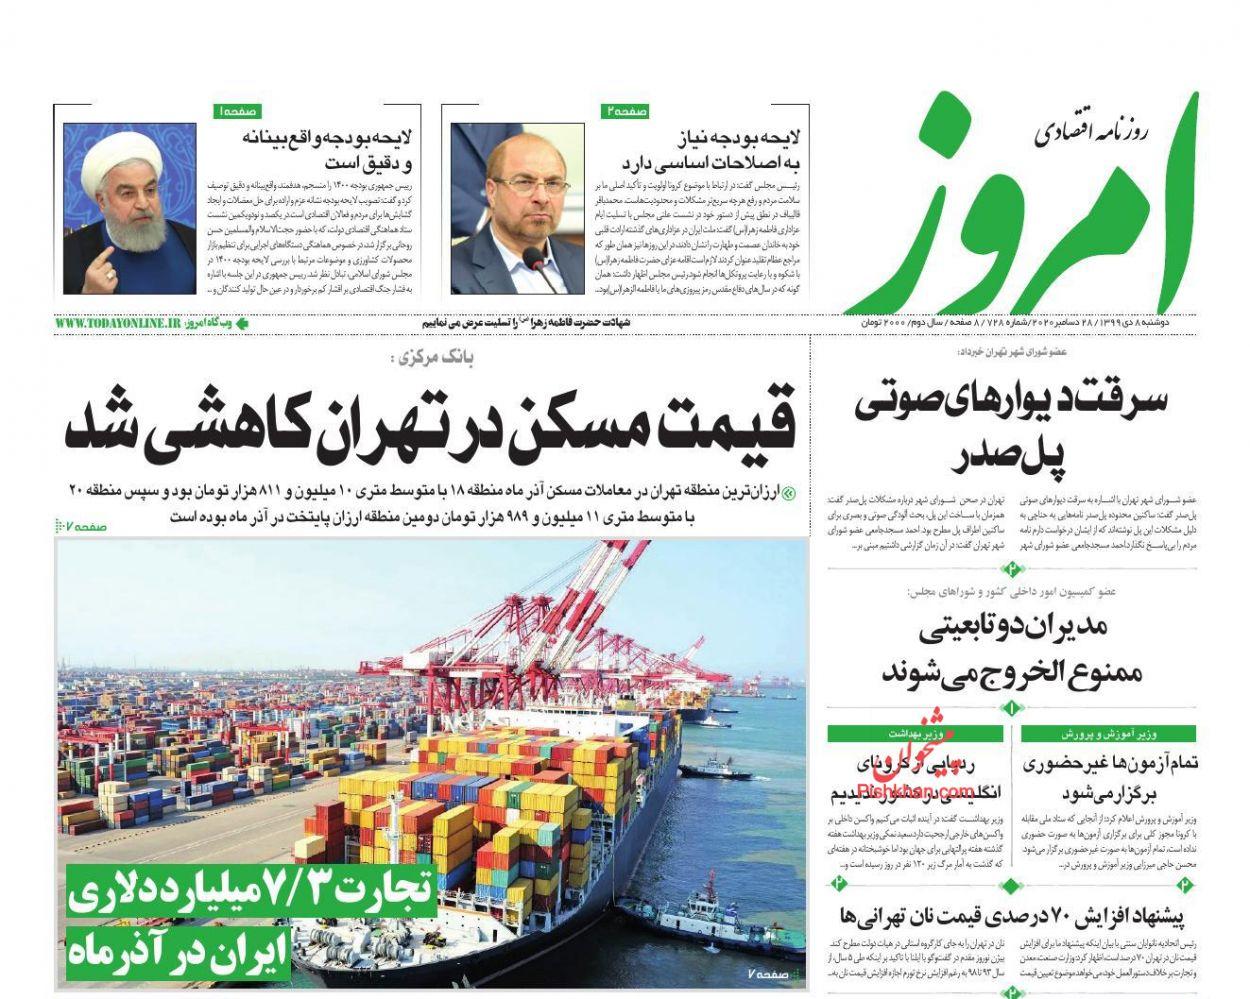 عناوین اخبار روزنامه امروز در روز دوشنبه ۸ دی